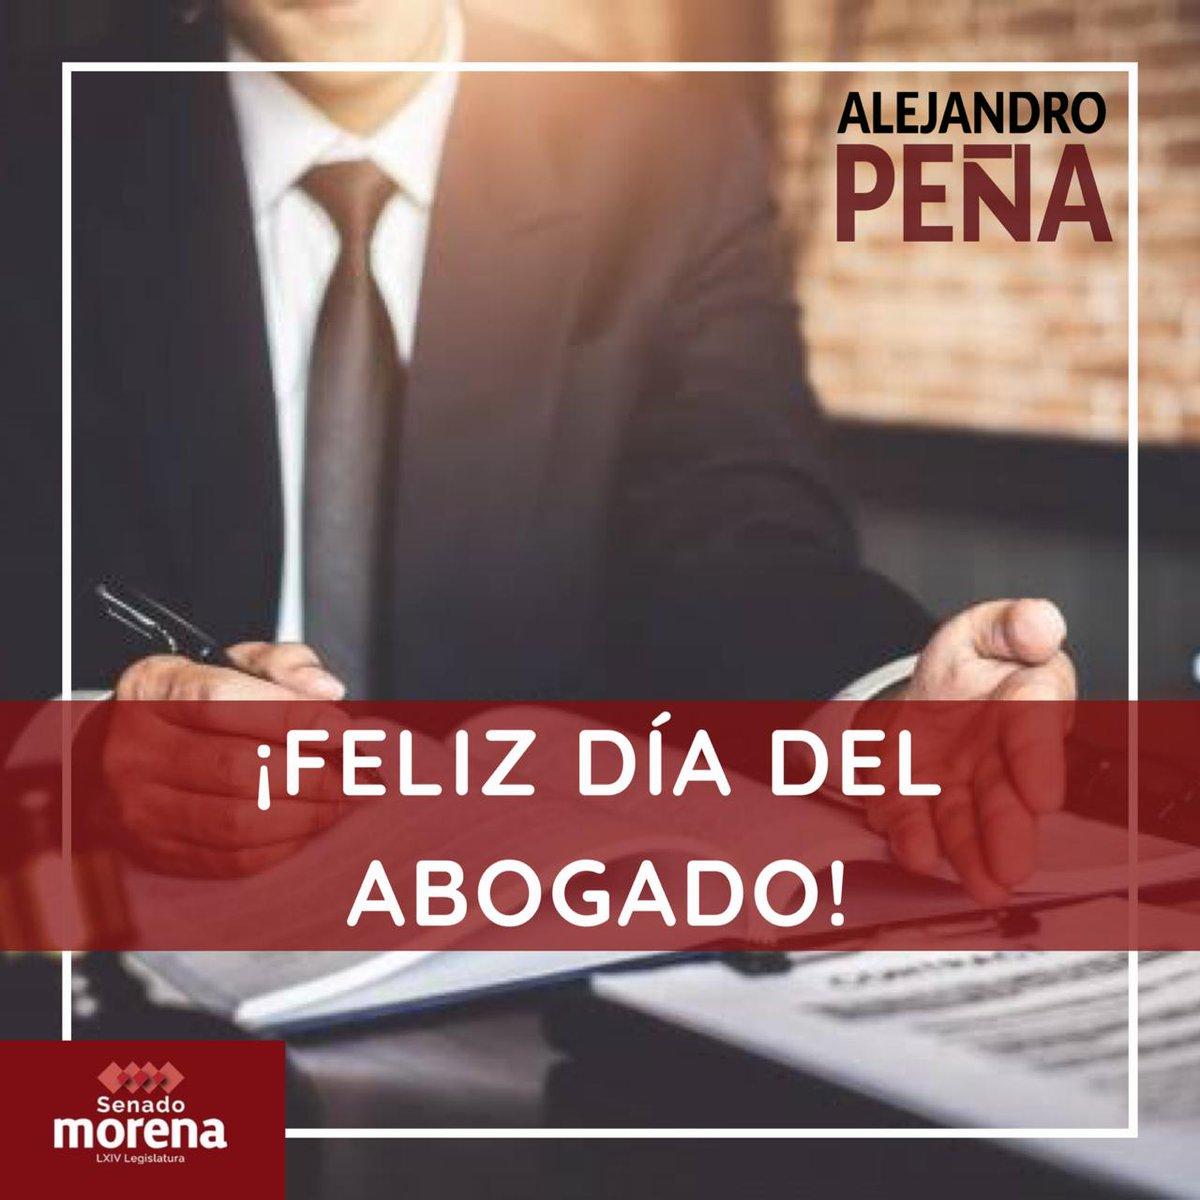 Mis felicitaciones para todas las abogadas y abogados que día a día con su profesionalismo y trabajo luchan por la justicia en México. 🇲🇽 #FelizDíaDeLaAbogadaYElAbogado #JuntasYJuntosSeguiremosHaciendoHistoria https://t.co/EaNIyL4gT9